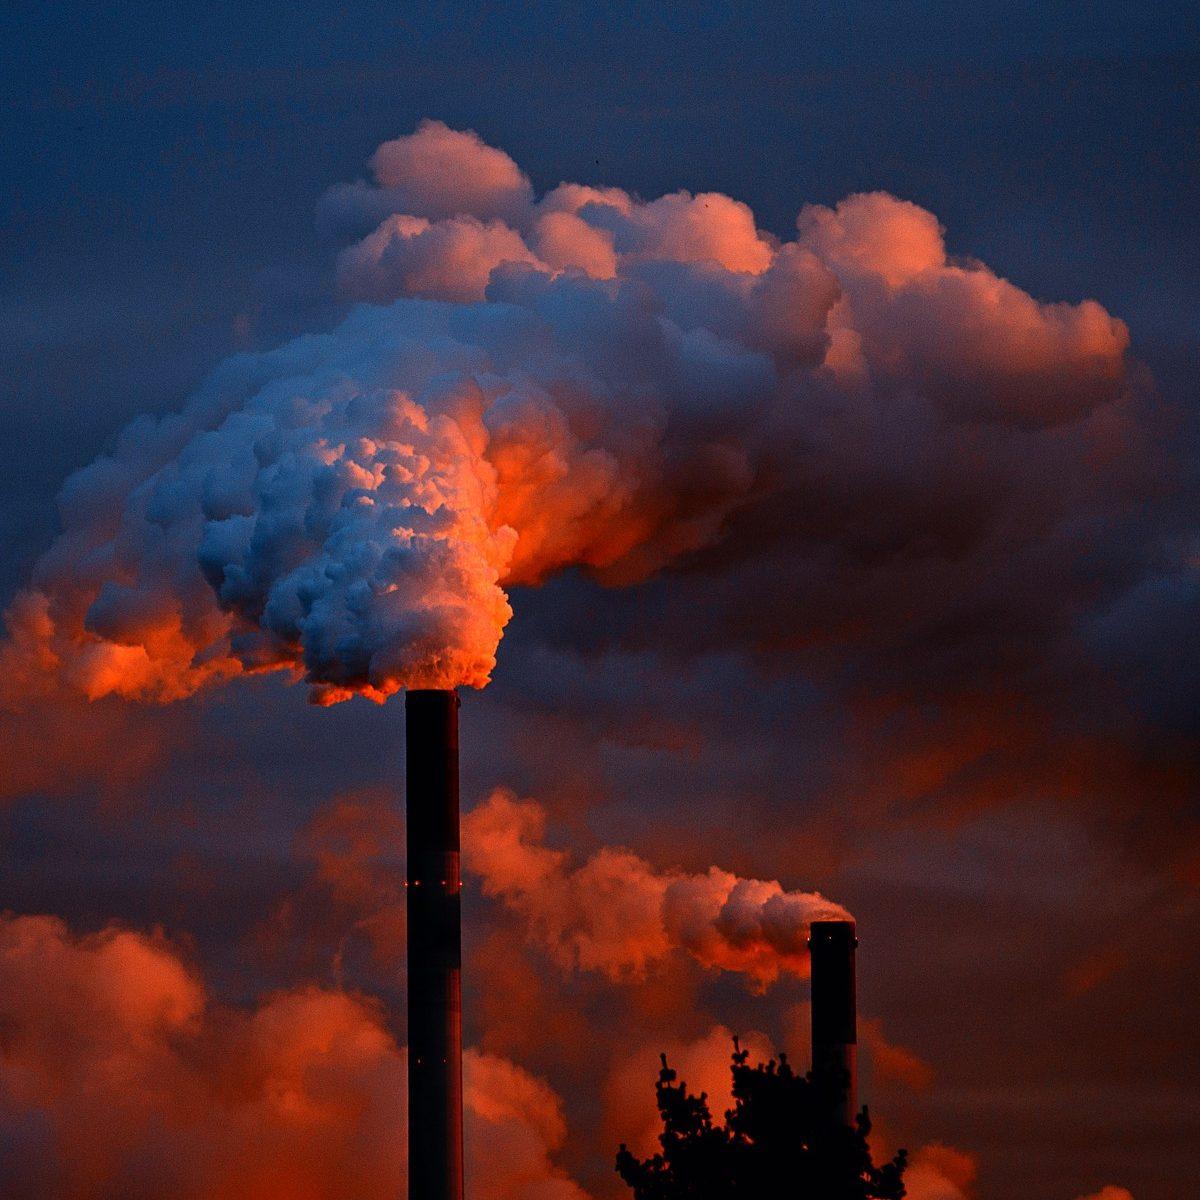 Möglichkeiten einer flankierenden CO2-Bepreisung durch öffentlich-rechtliche Abgaben